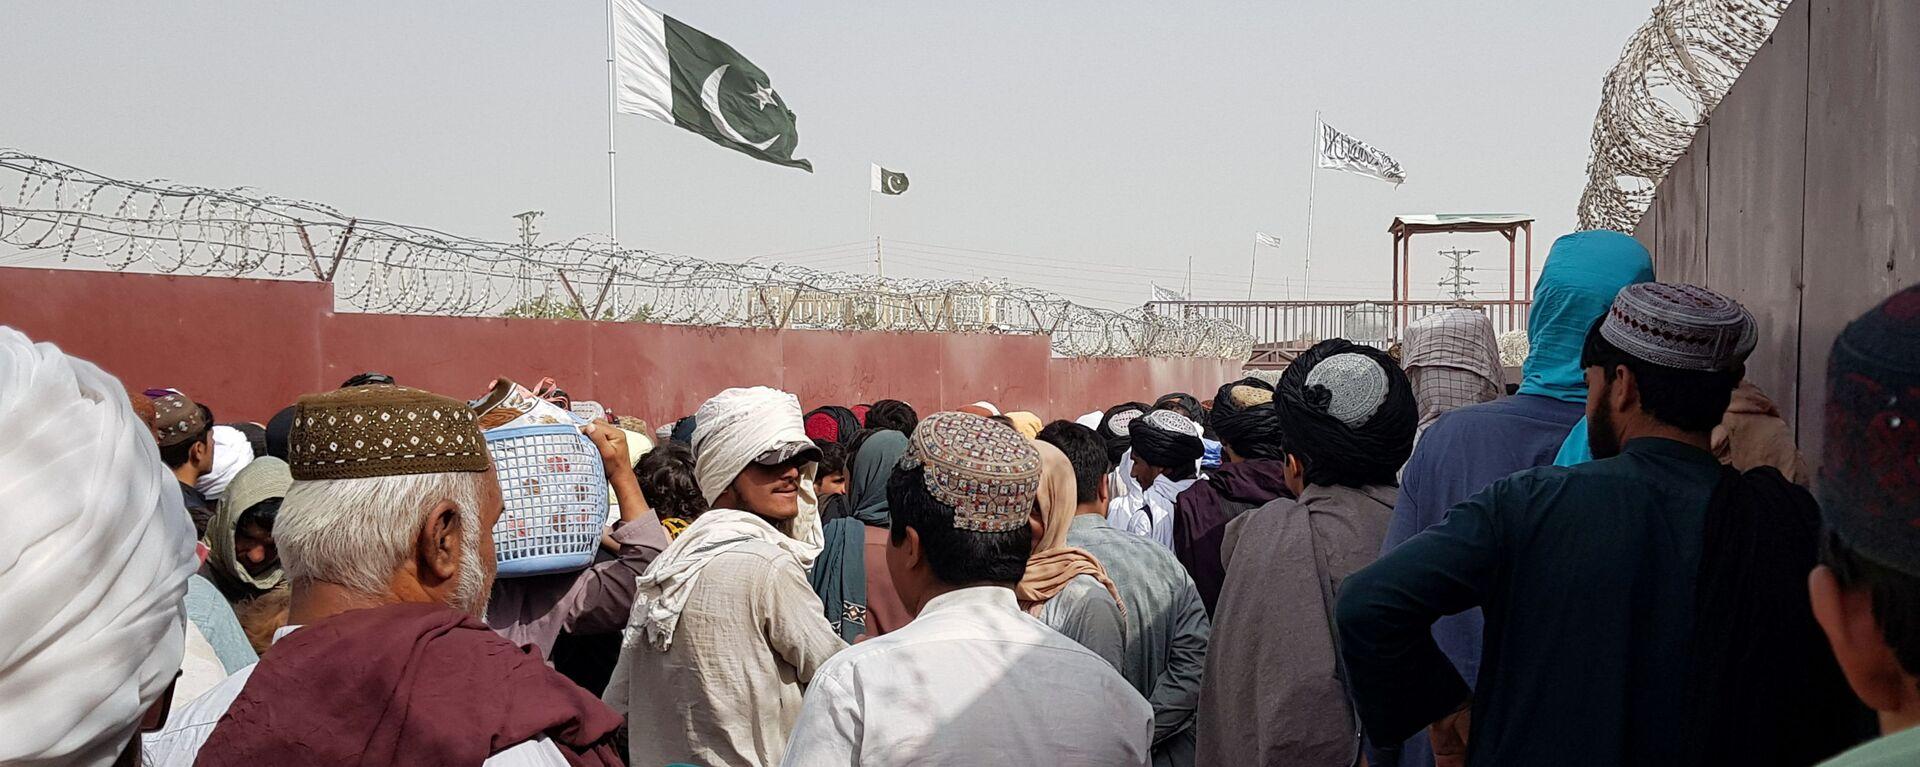 Flaga Pakistanu i flaga talibów widoczne na tylnym planie, kiedy ludzie kierują się do Afganistanu na przejściu granicznym Brama Przyjaźni w pakistańsko-afgańskim mieście granicznym Ćaman, Pakistan 15 sierpnia 2021 roku. - Sputnik Polska, 1920, 22.08.2021